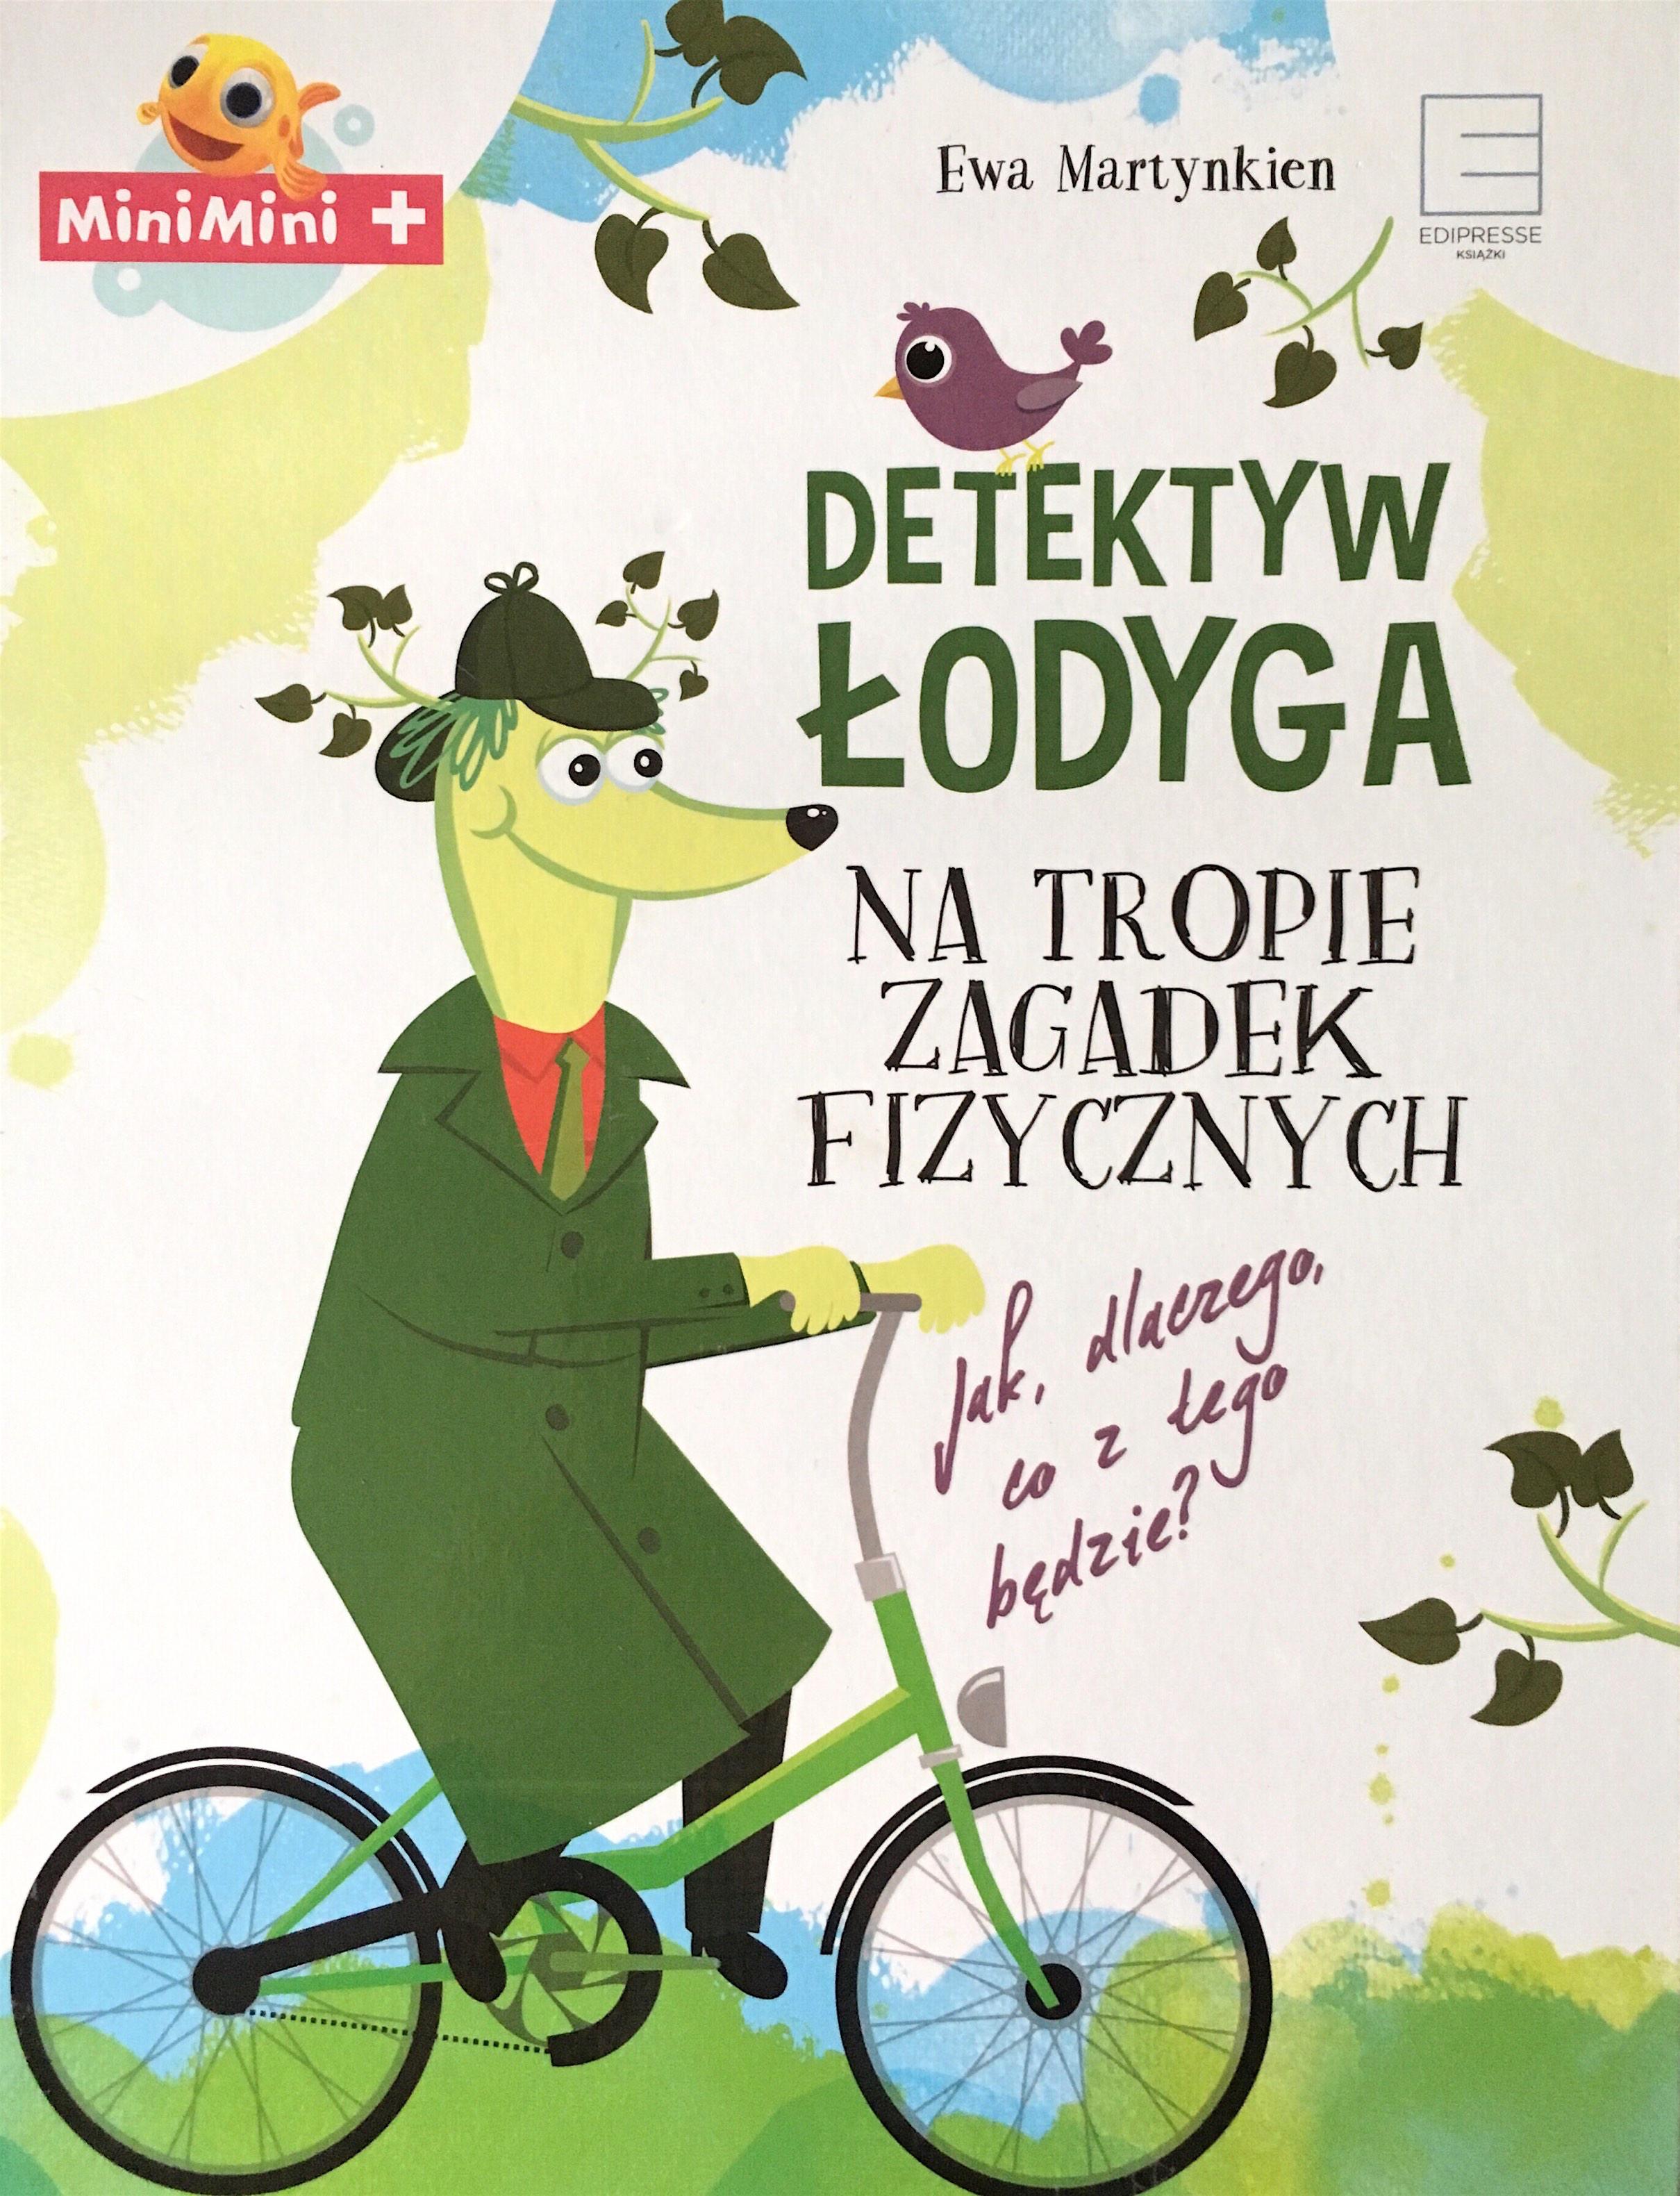 Detektyw Łodyga na tropie zagadek fizycznych